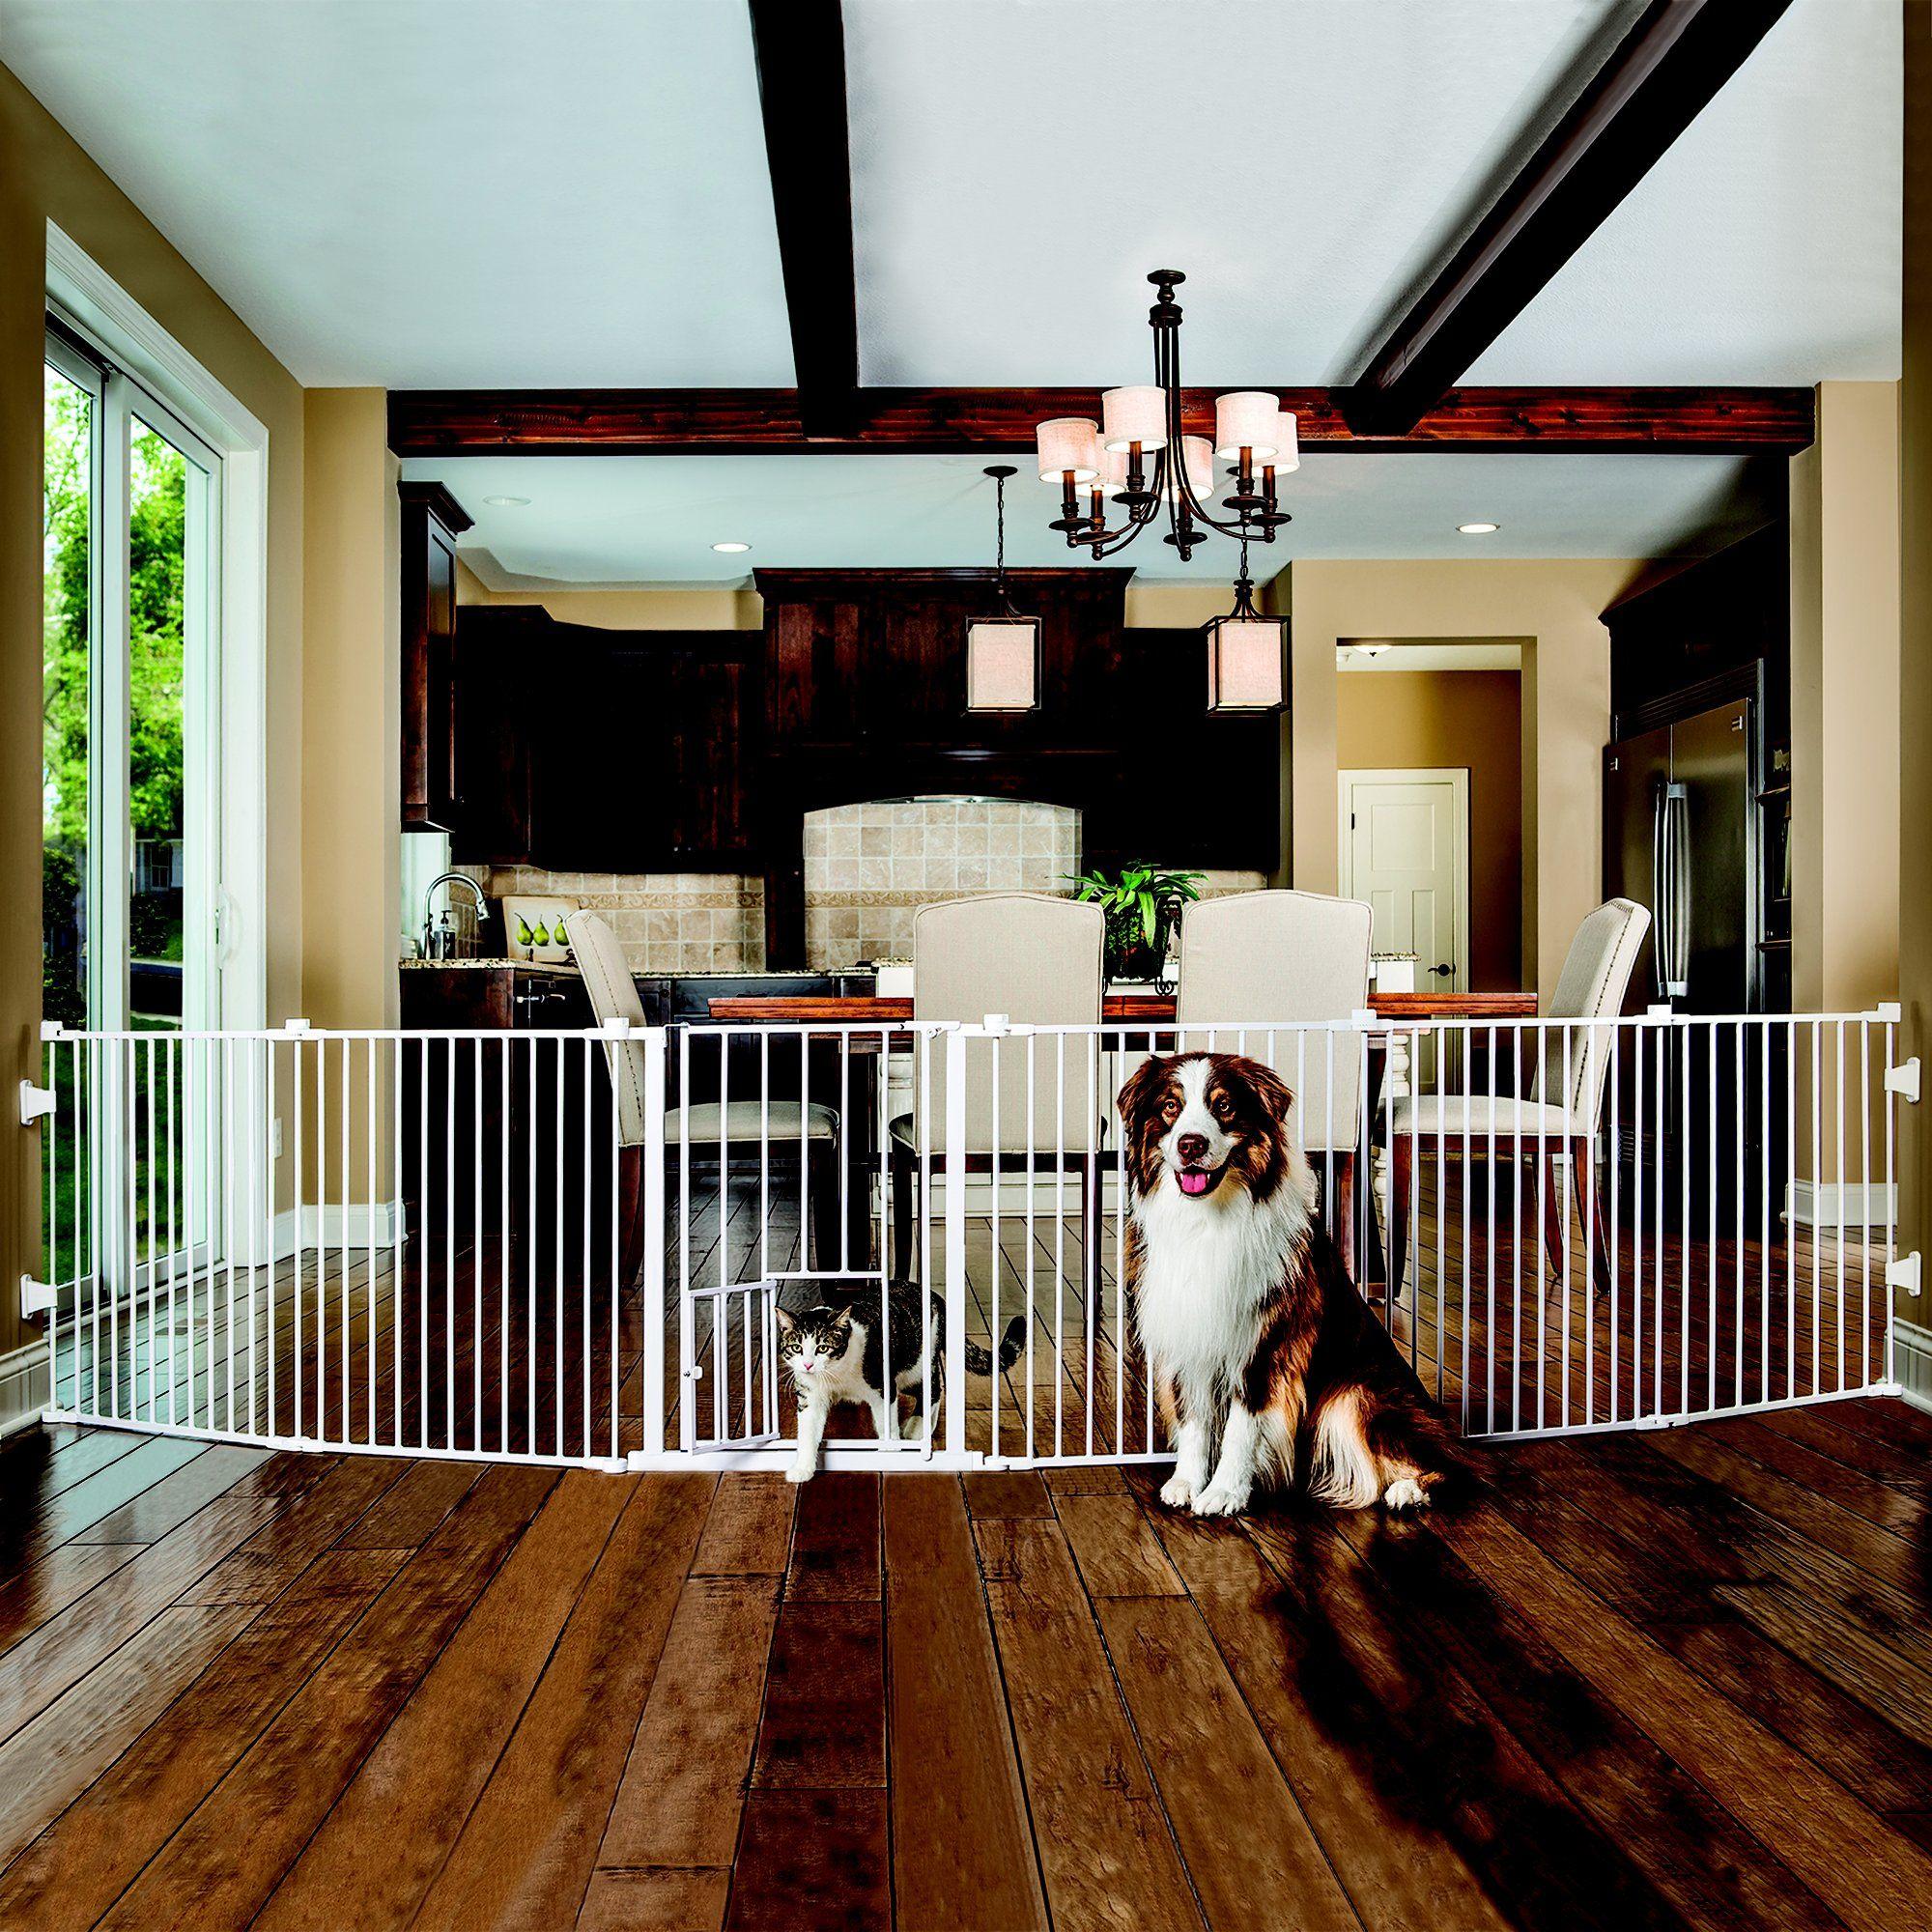 Carlson 2in1 super pet gate and pet yard petco pet